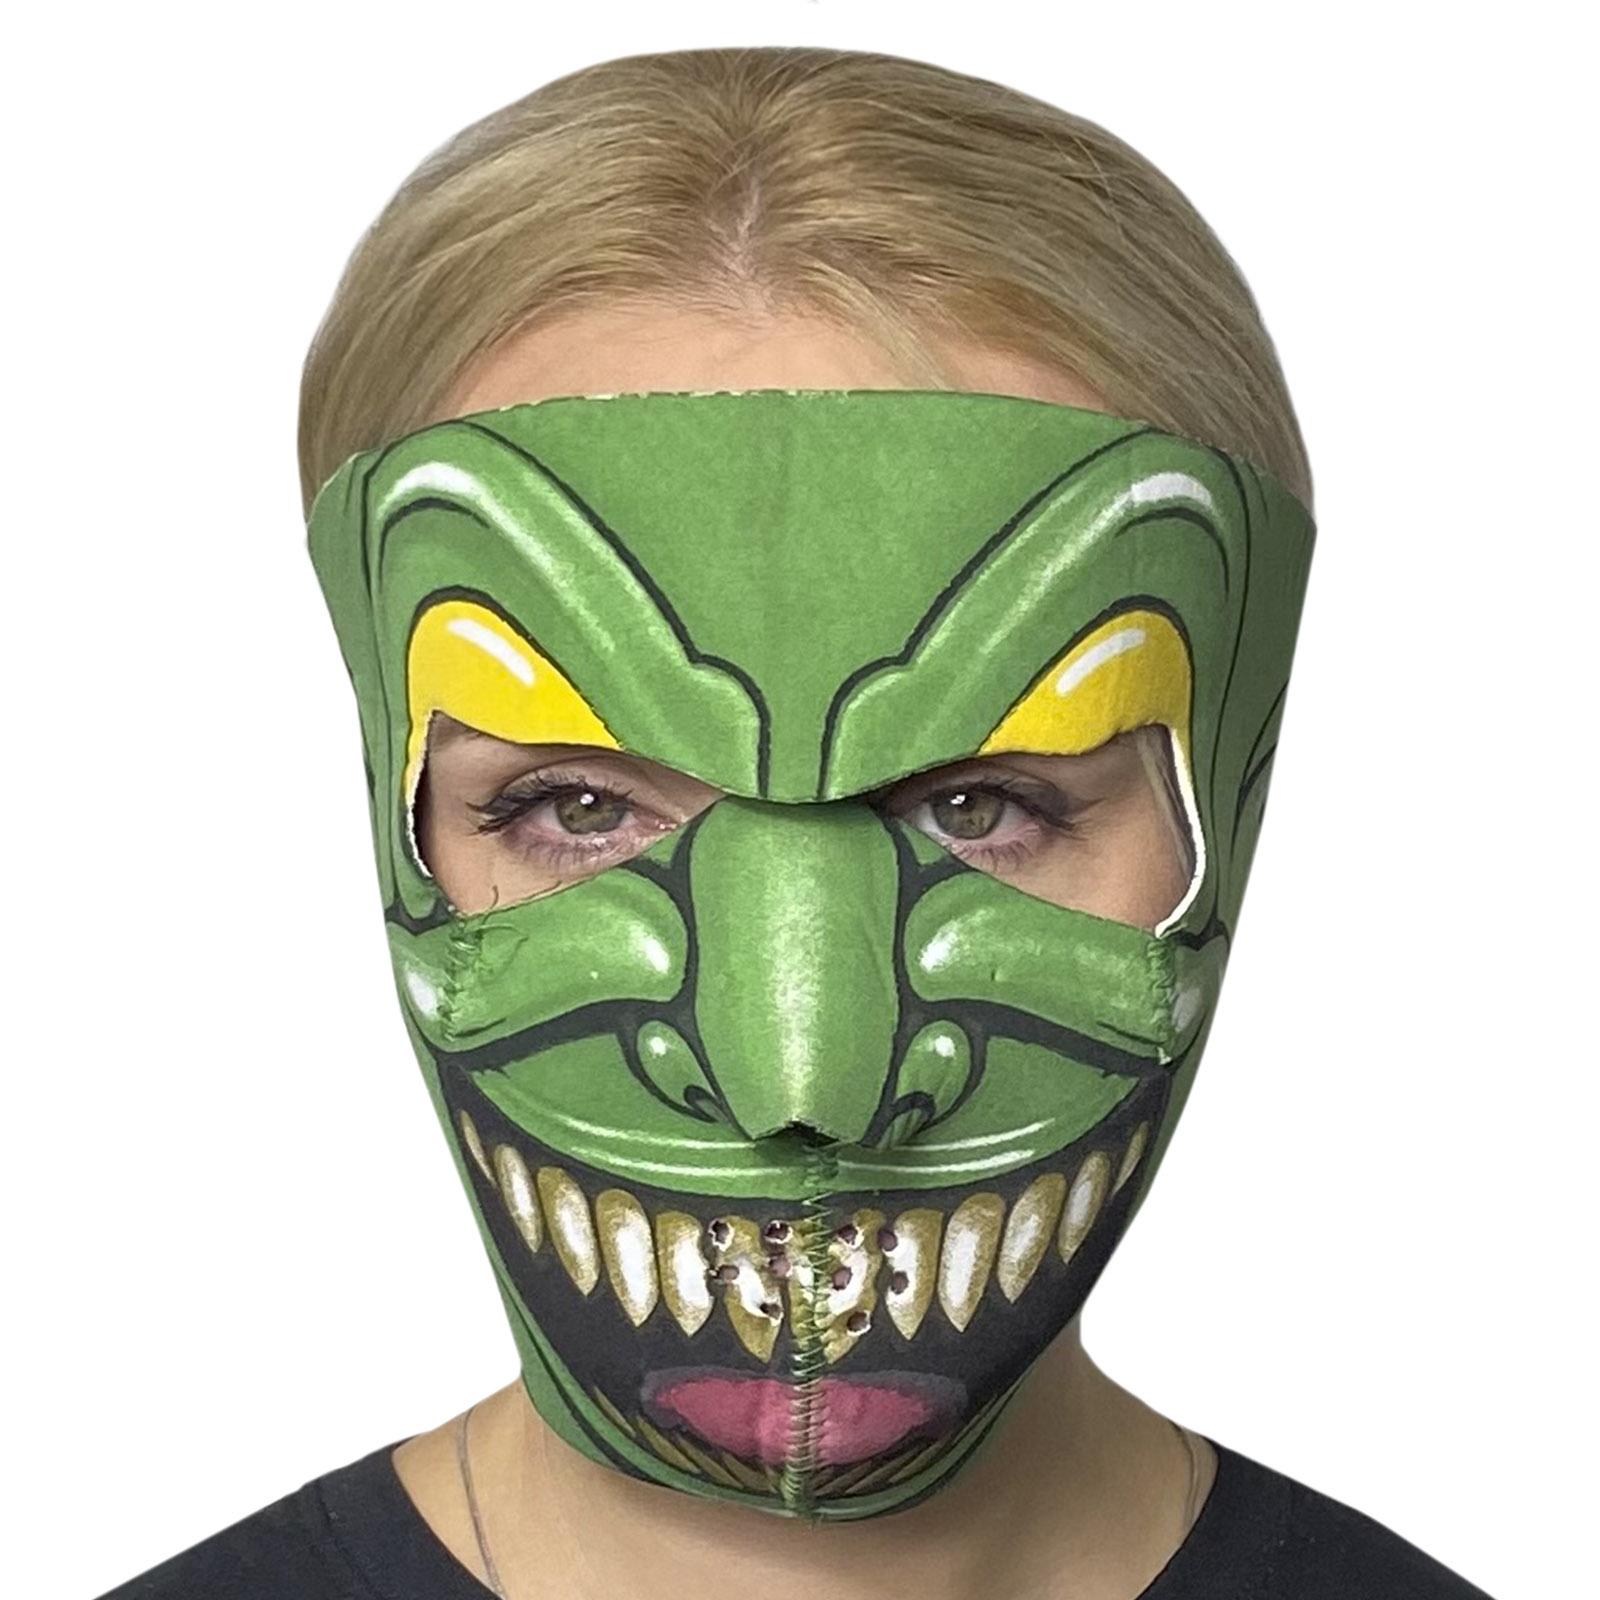 Медицинская маска с молодежным дизайном Skulskinz Golem